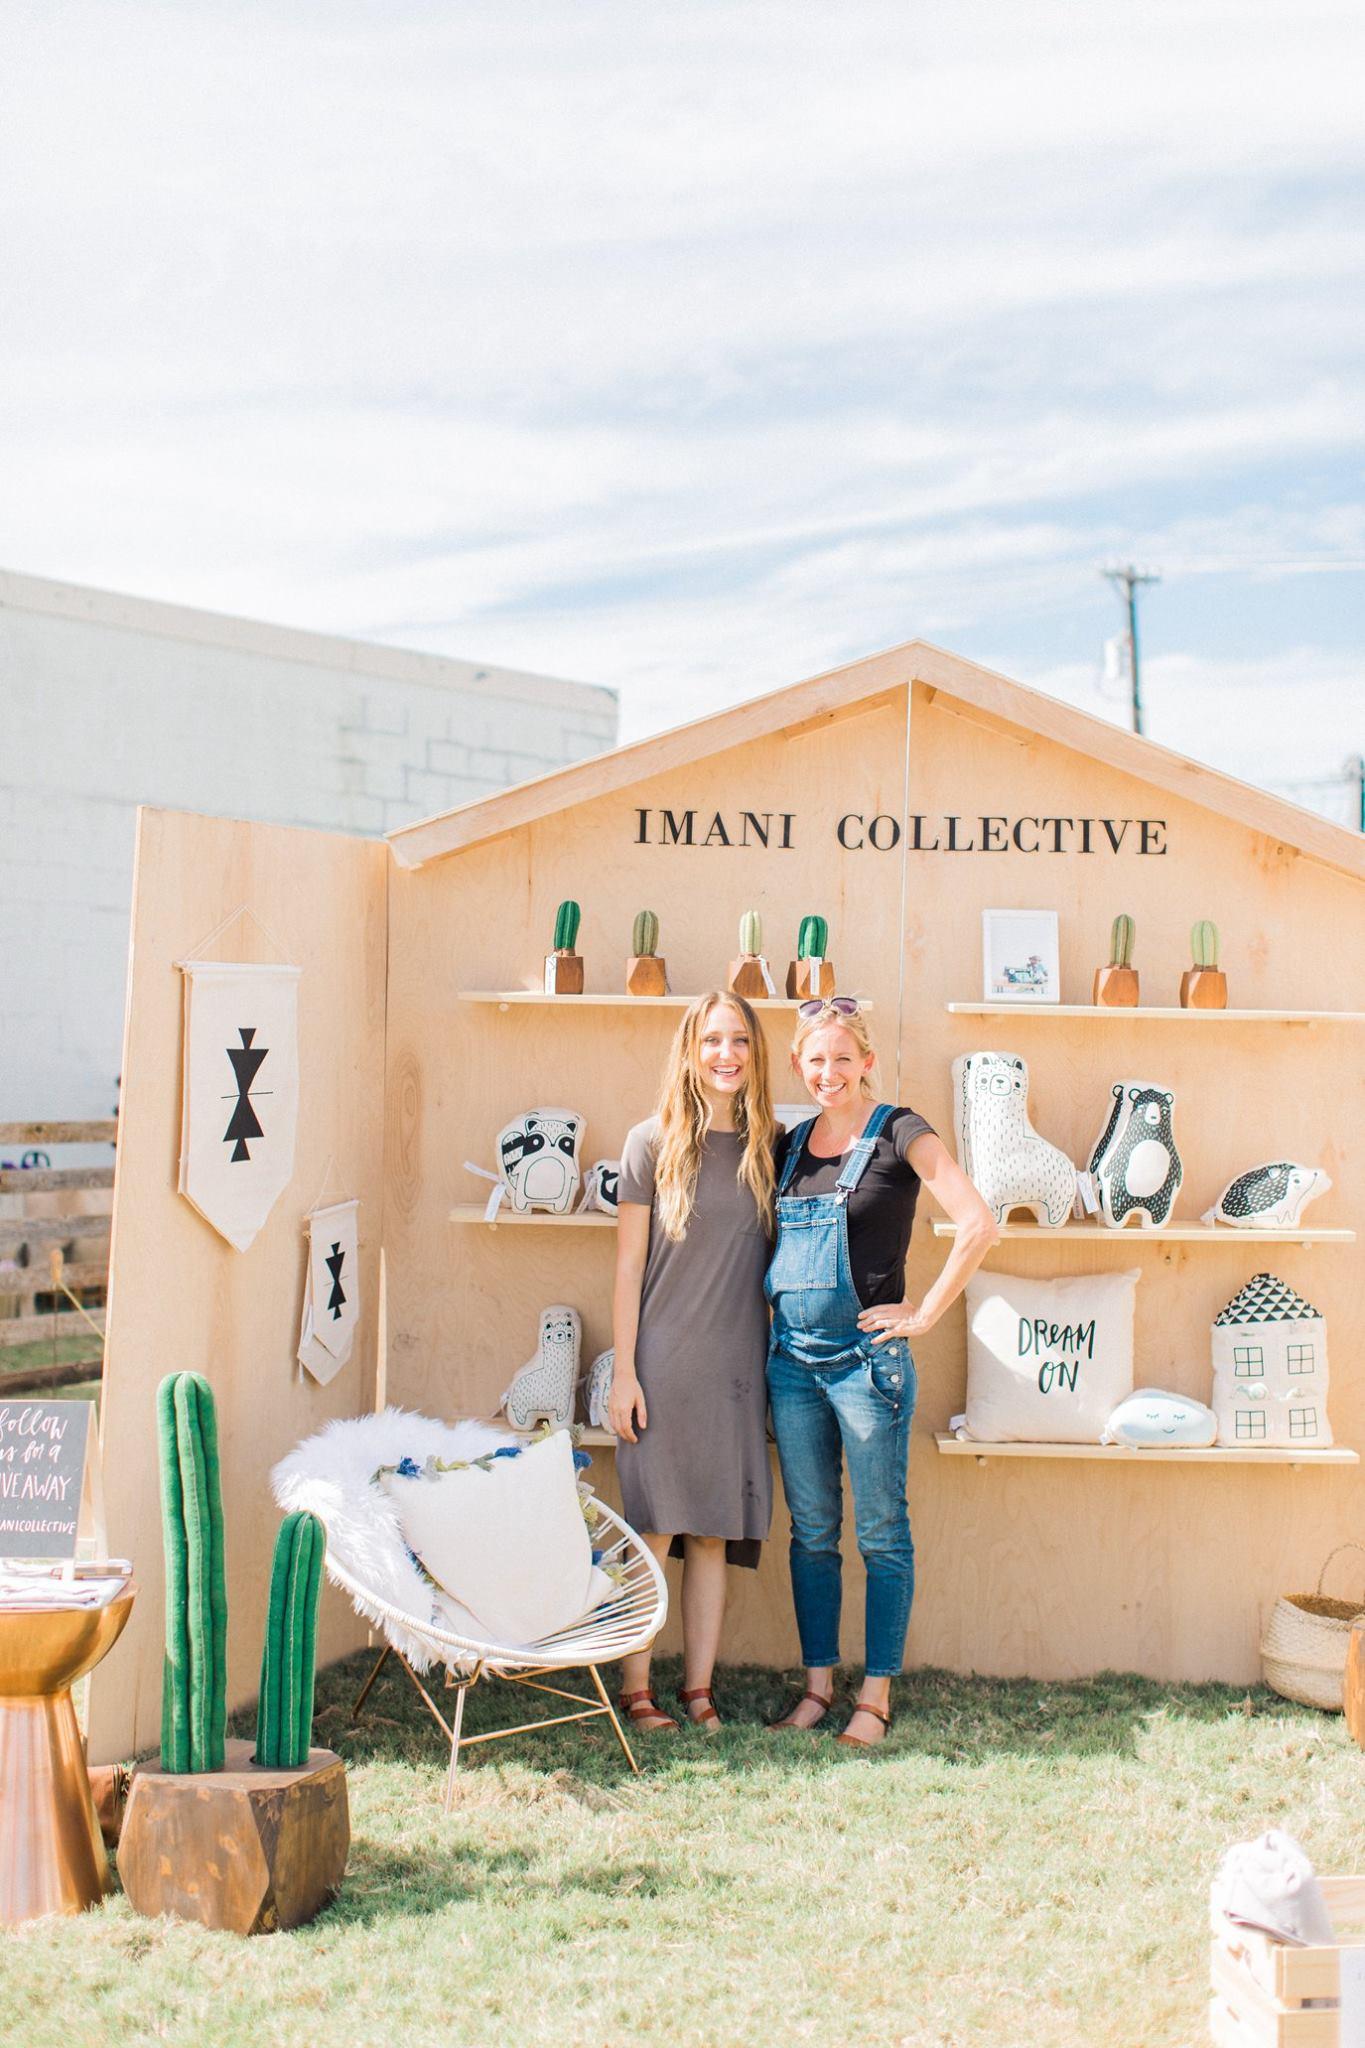 Imani Collective.jpg